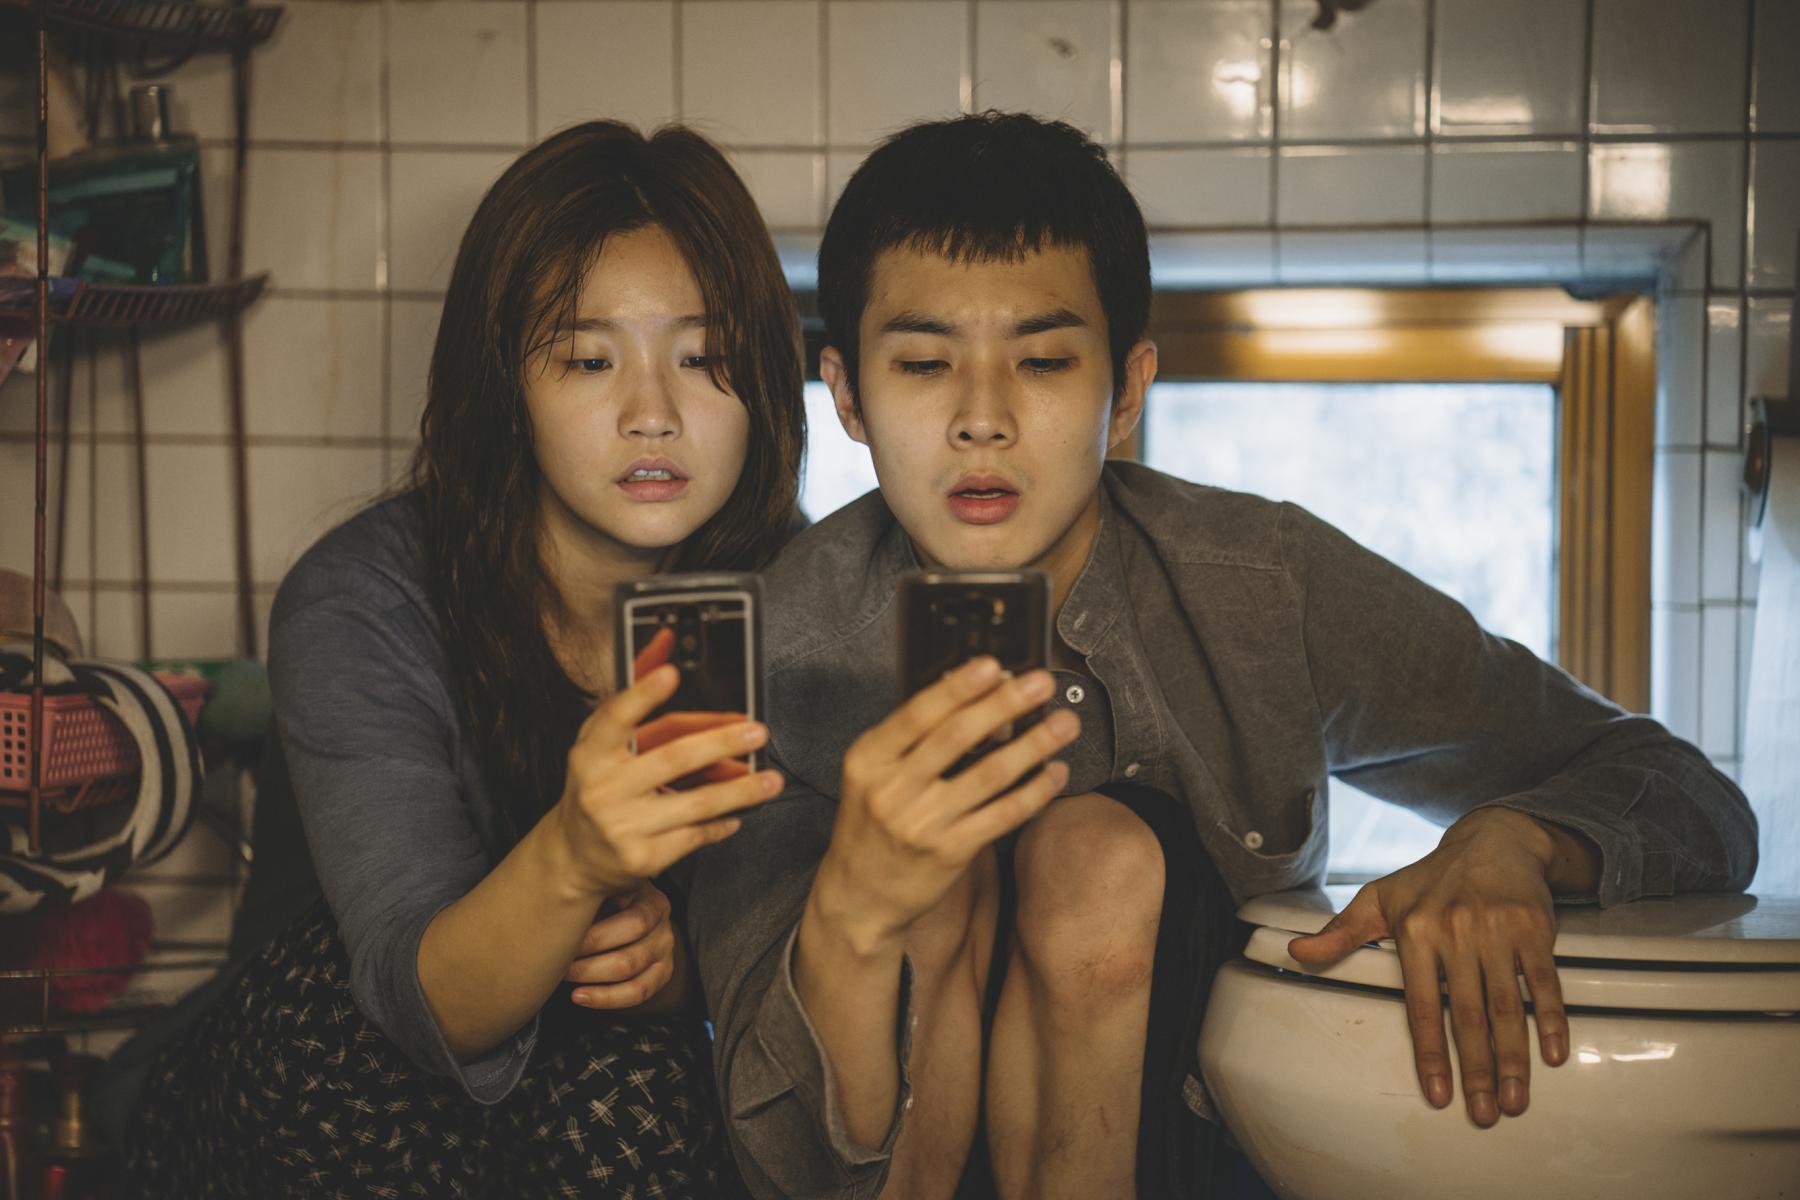 El cinema de setembre: Parásitos